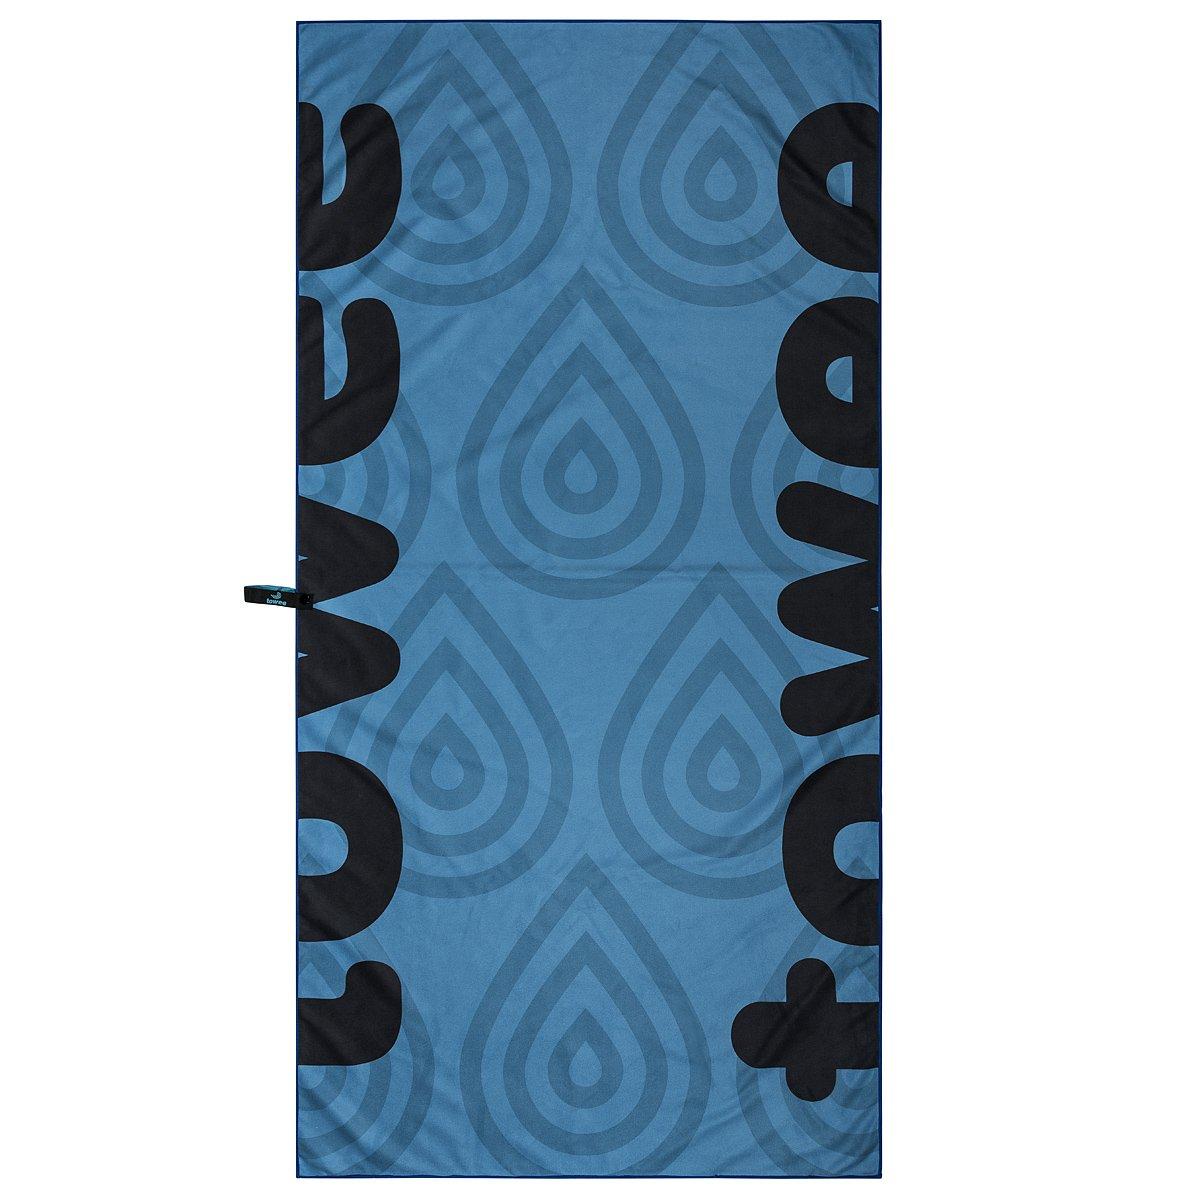 Towee Toalla de microfibra para deporte viaje, secado rápido, ligera Impresión Digital Toalla con compacto de viaje, Droplet Azul secado rápido ligera Impresión Digital Toalla con compacto de viaje .